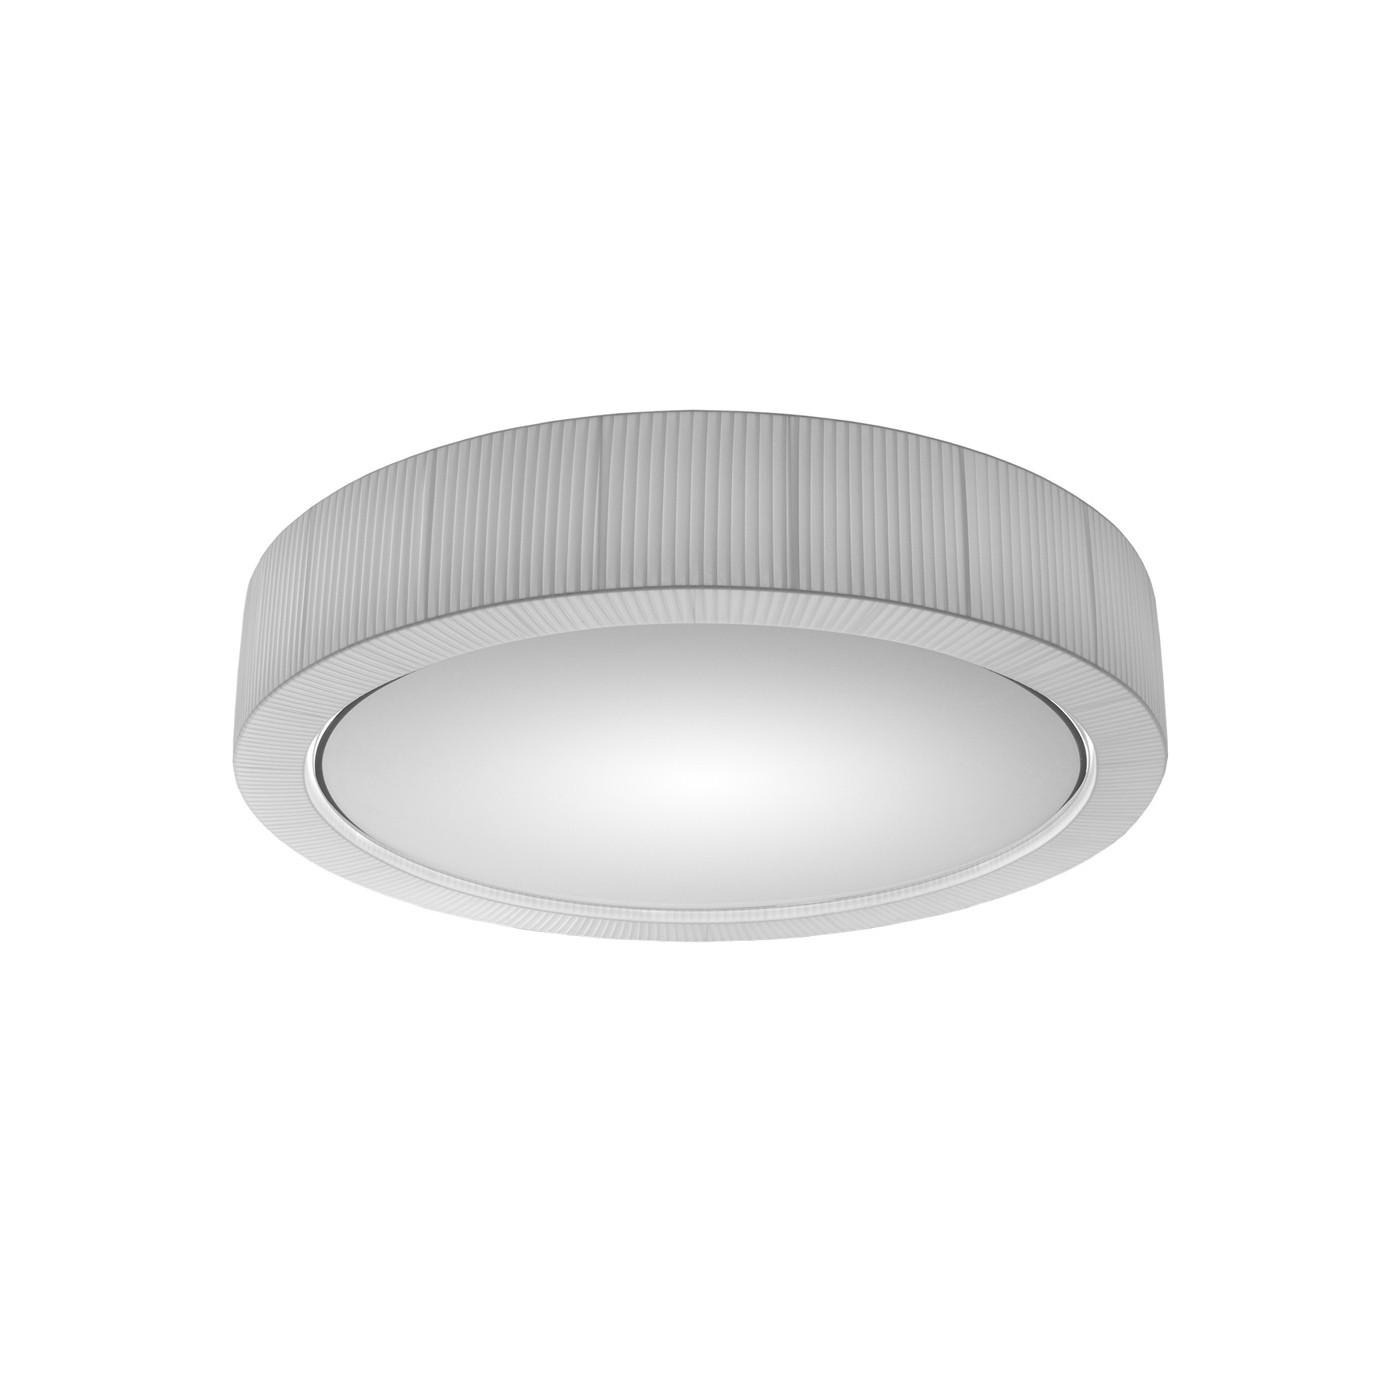 Bover Urban PF/60 LED